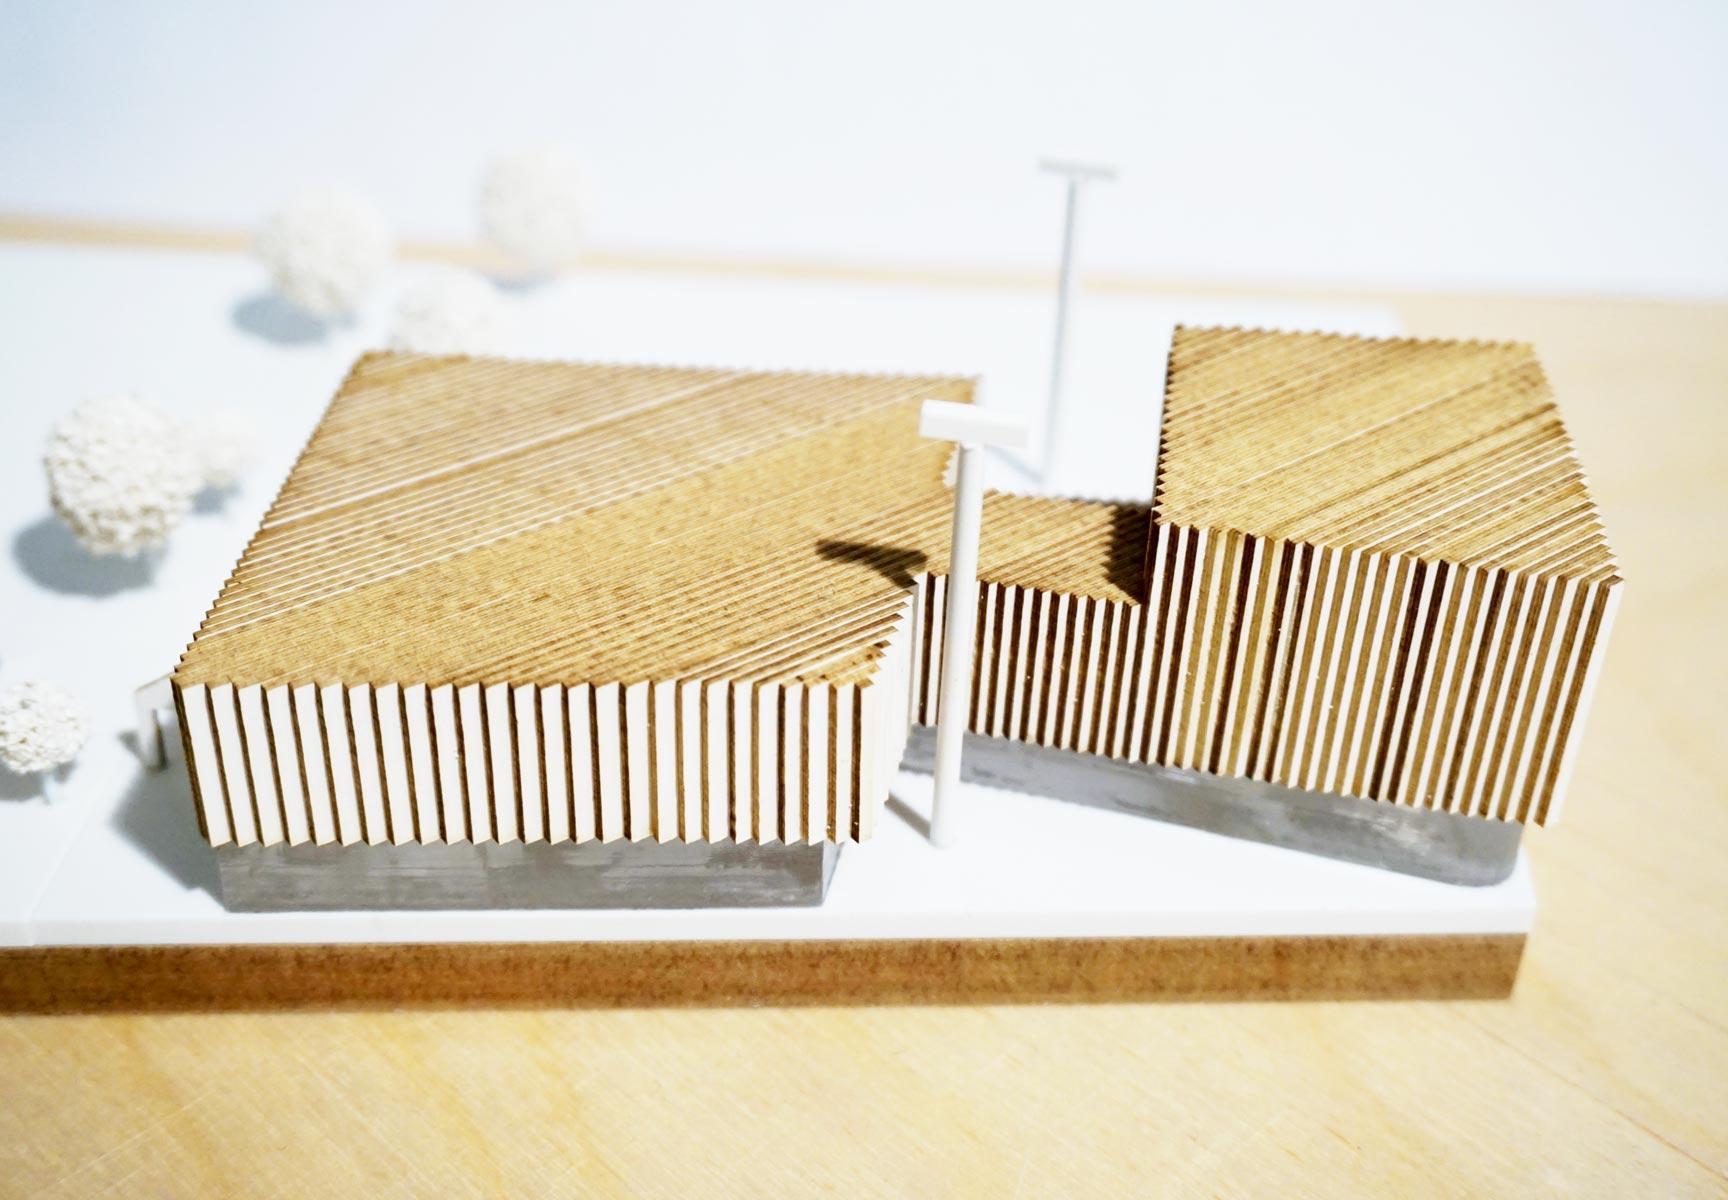 STUDIOKUBIK-architektur-architecture-berlin-SPORE_Initiative_haus des gemeinnuetzigen journalismus_6